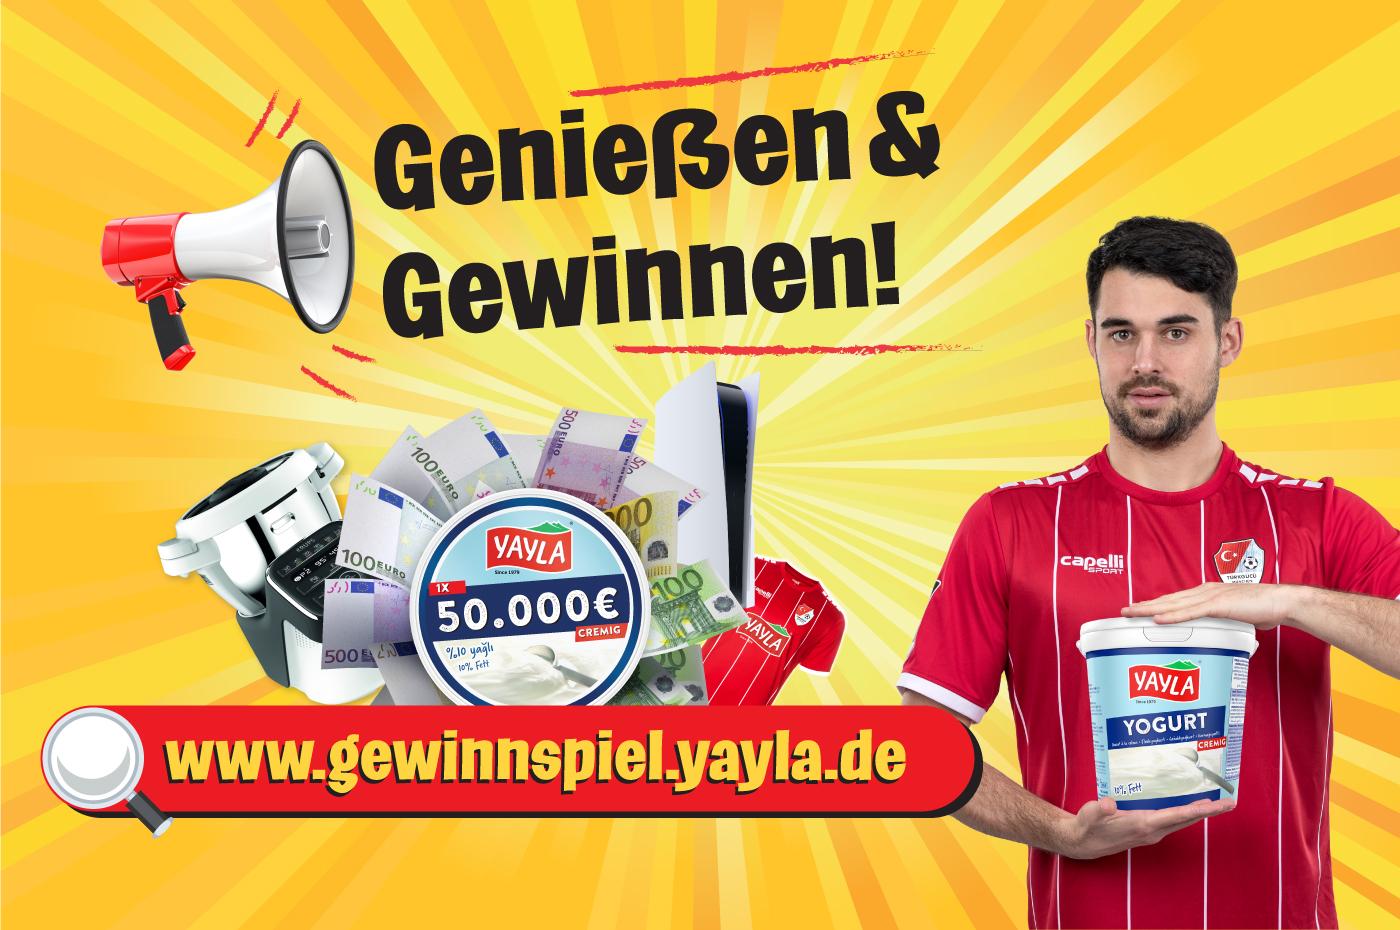 YAYLA_Gewinnspiel_Yogurt_Web-Blog_DE